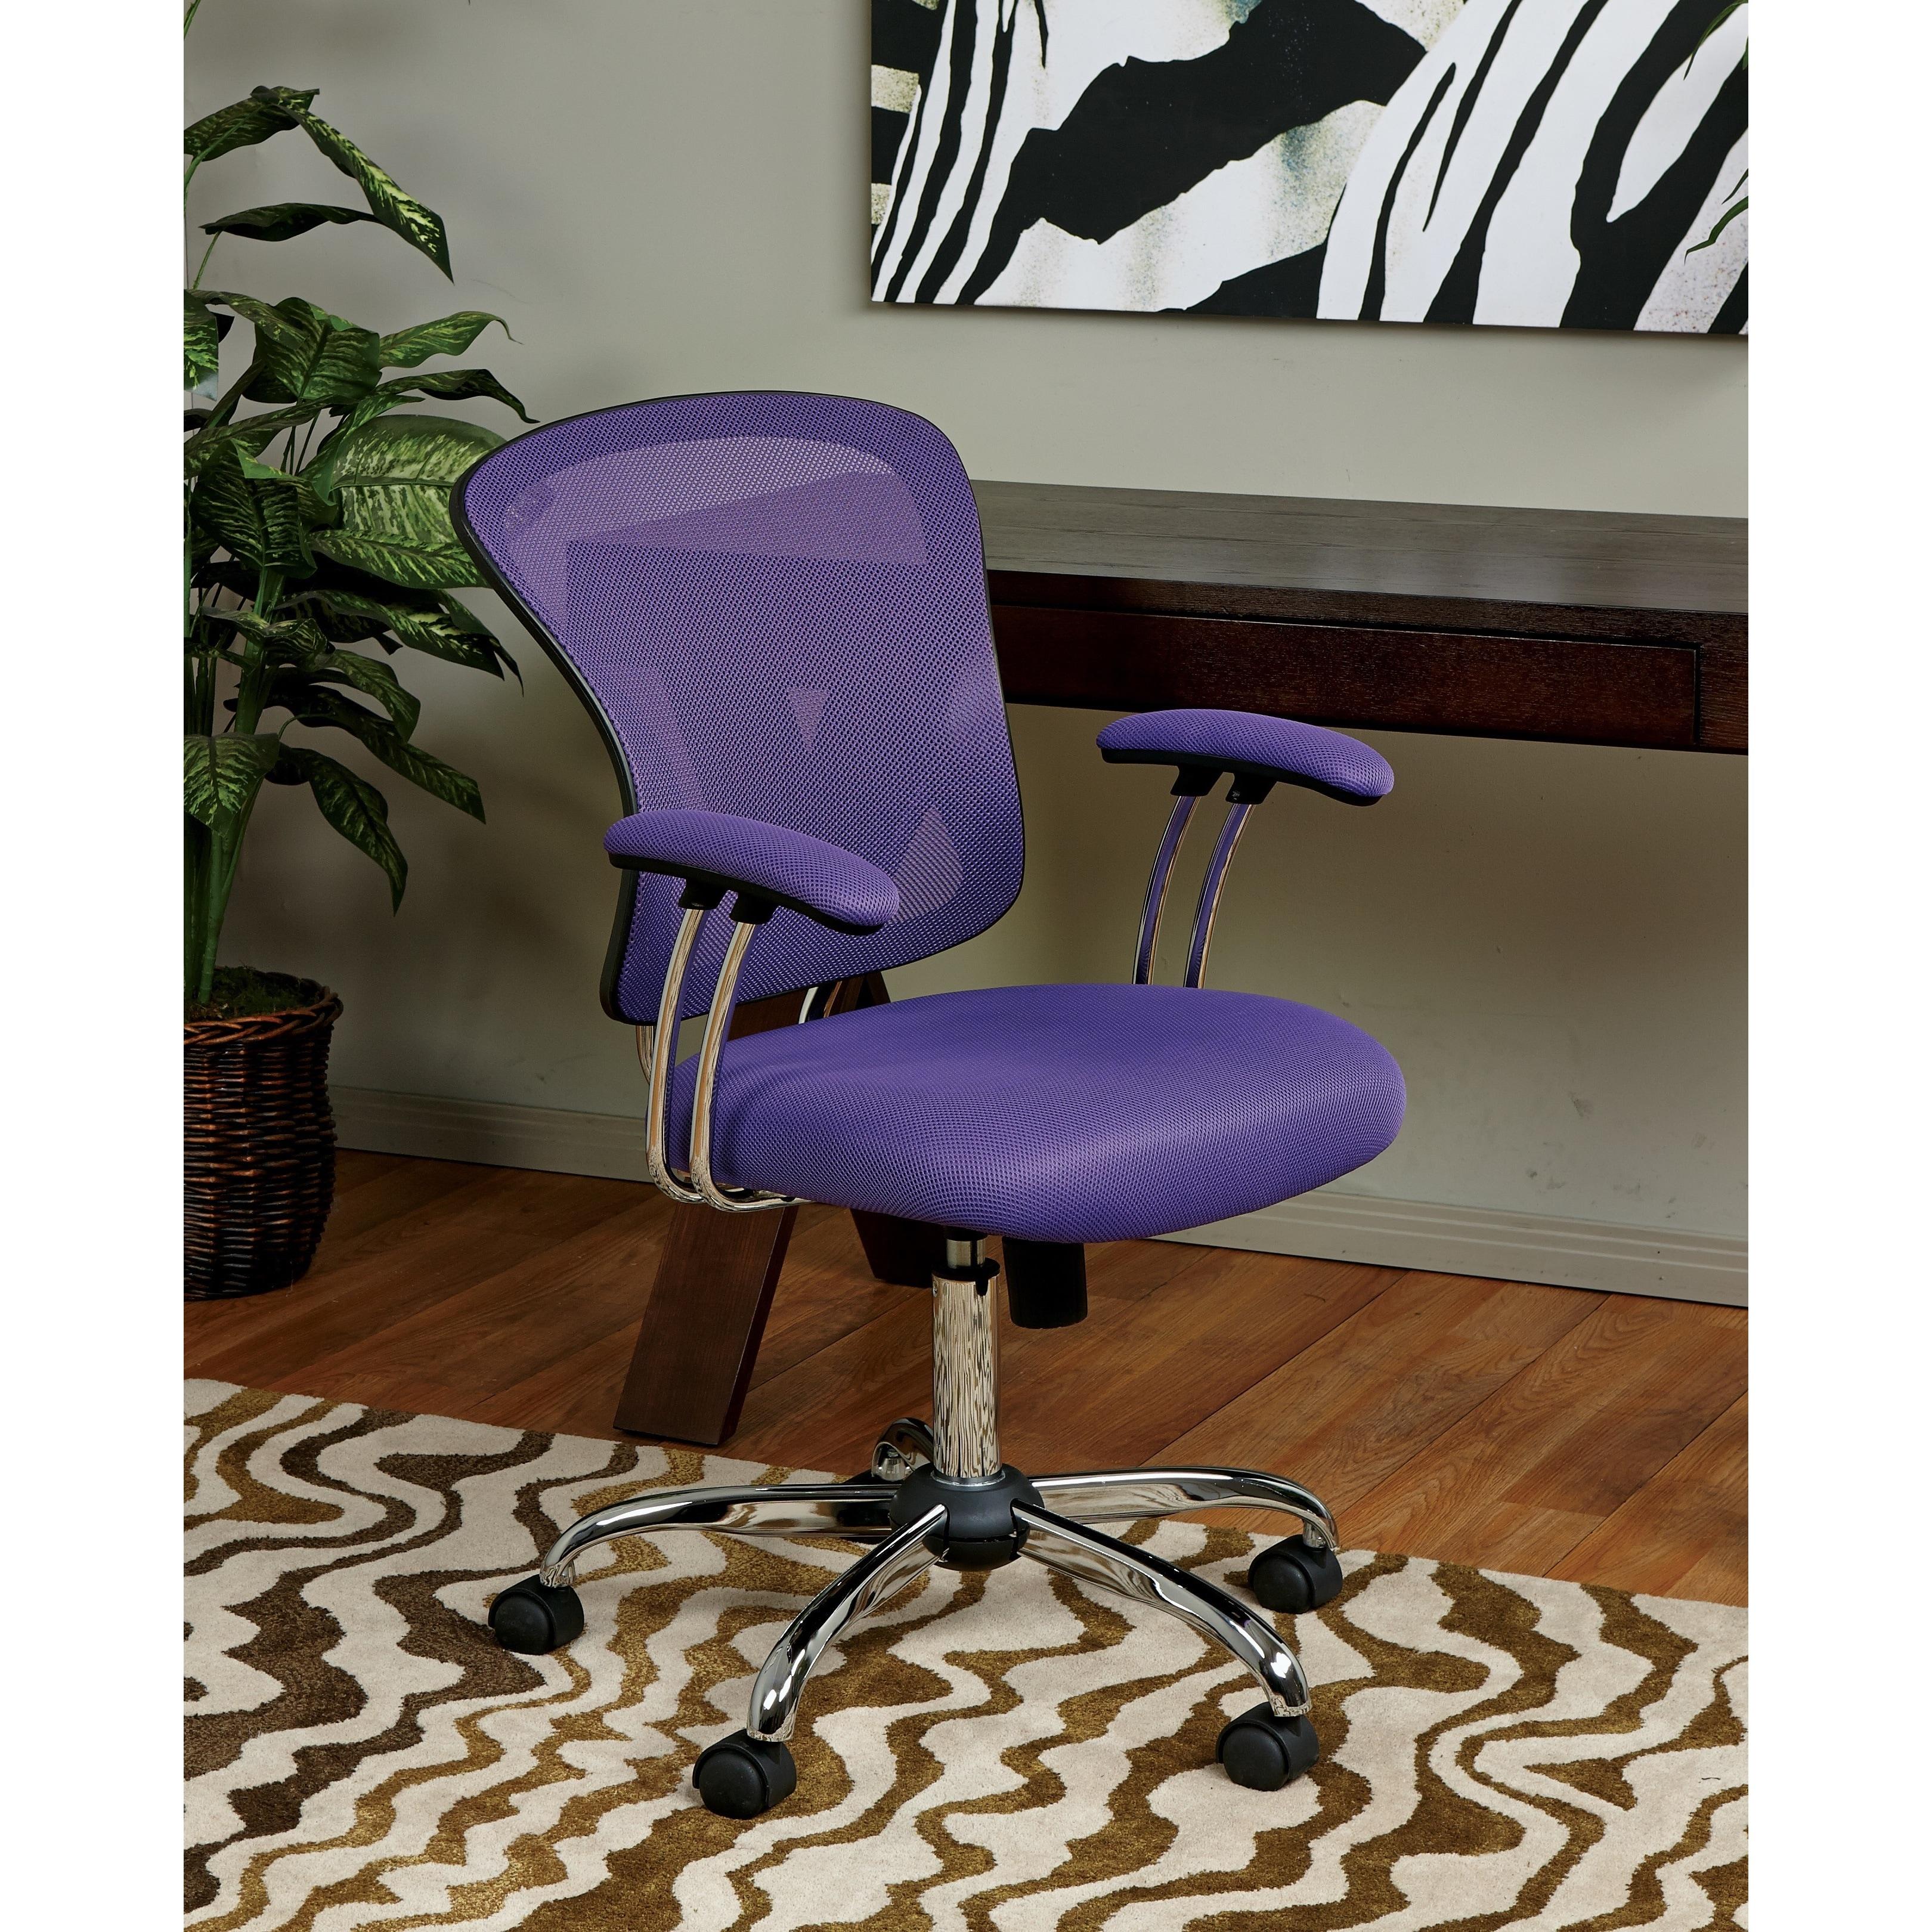 Porch Den Globeville Chrome Mesh Vinyl Adjustable Tilt Tension Office Chair